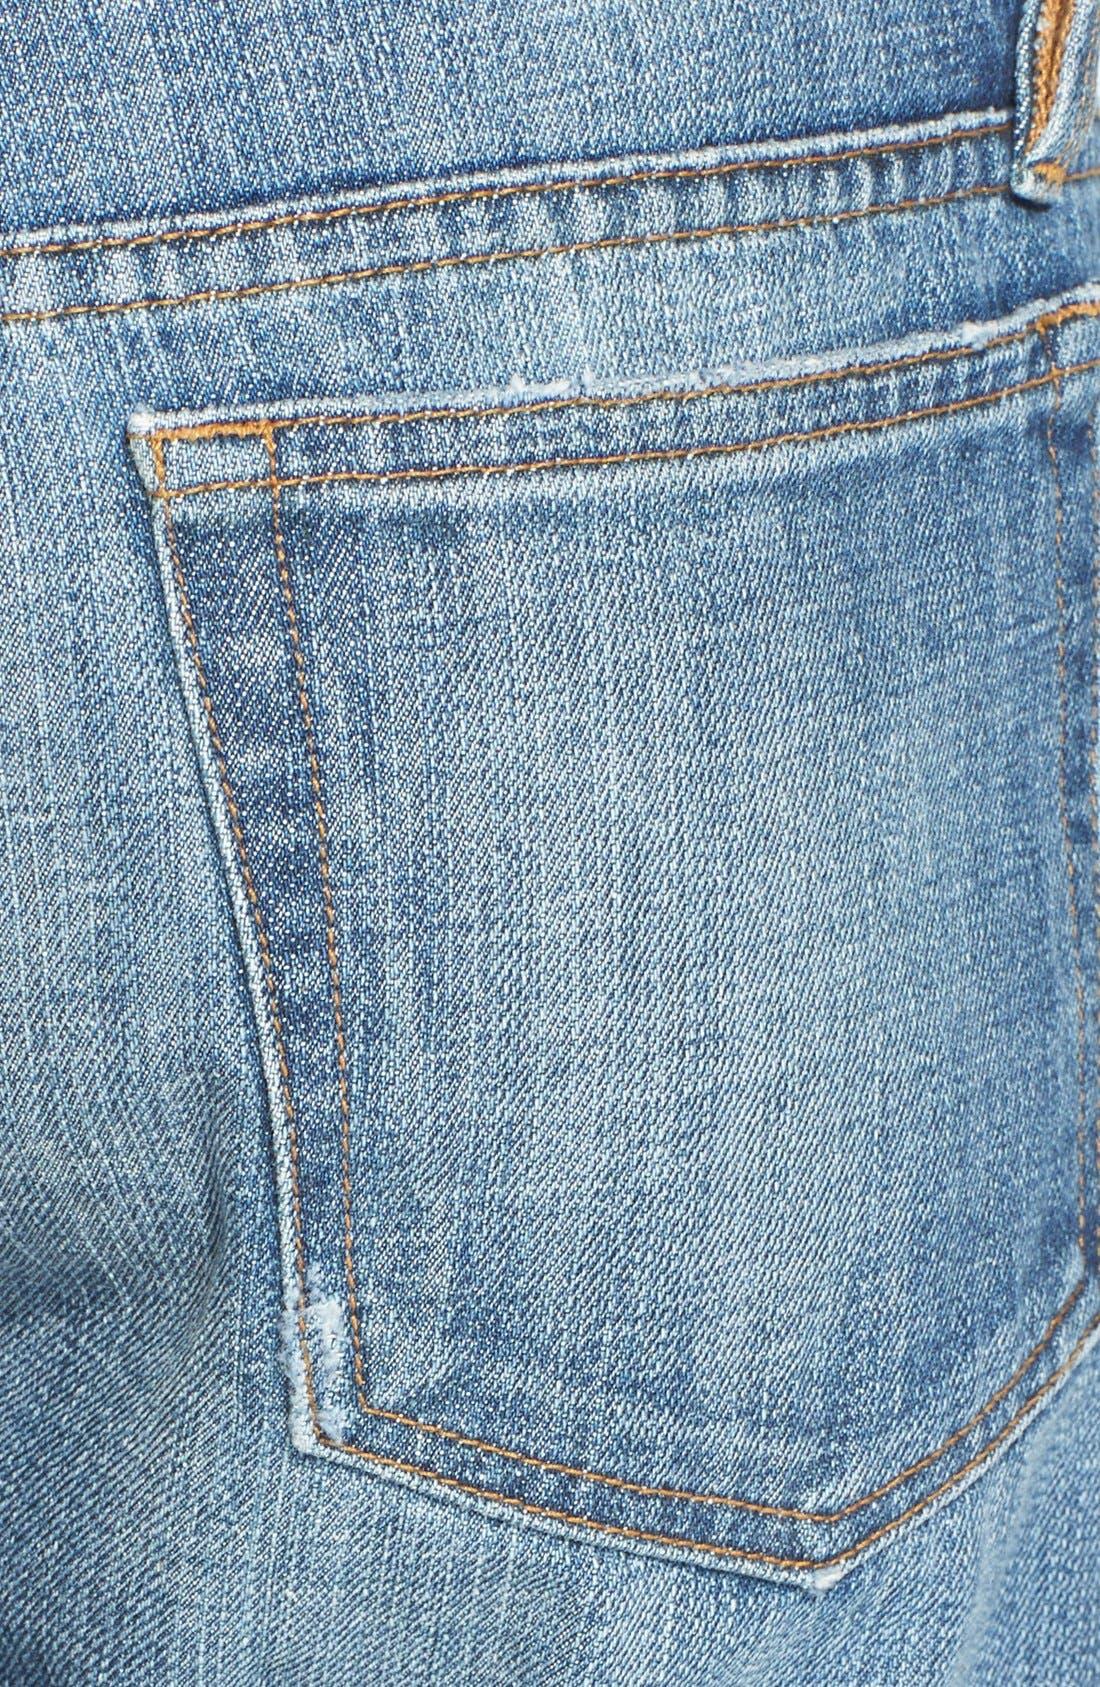 Alternate Image 3  - Frame Denim 'Le Grand Garcon' Destroyed BoyfriendJeans (Wagner)